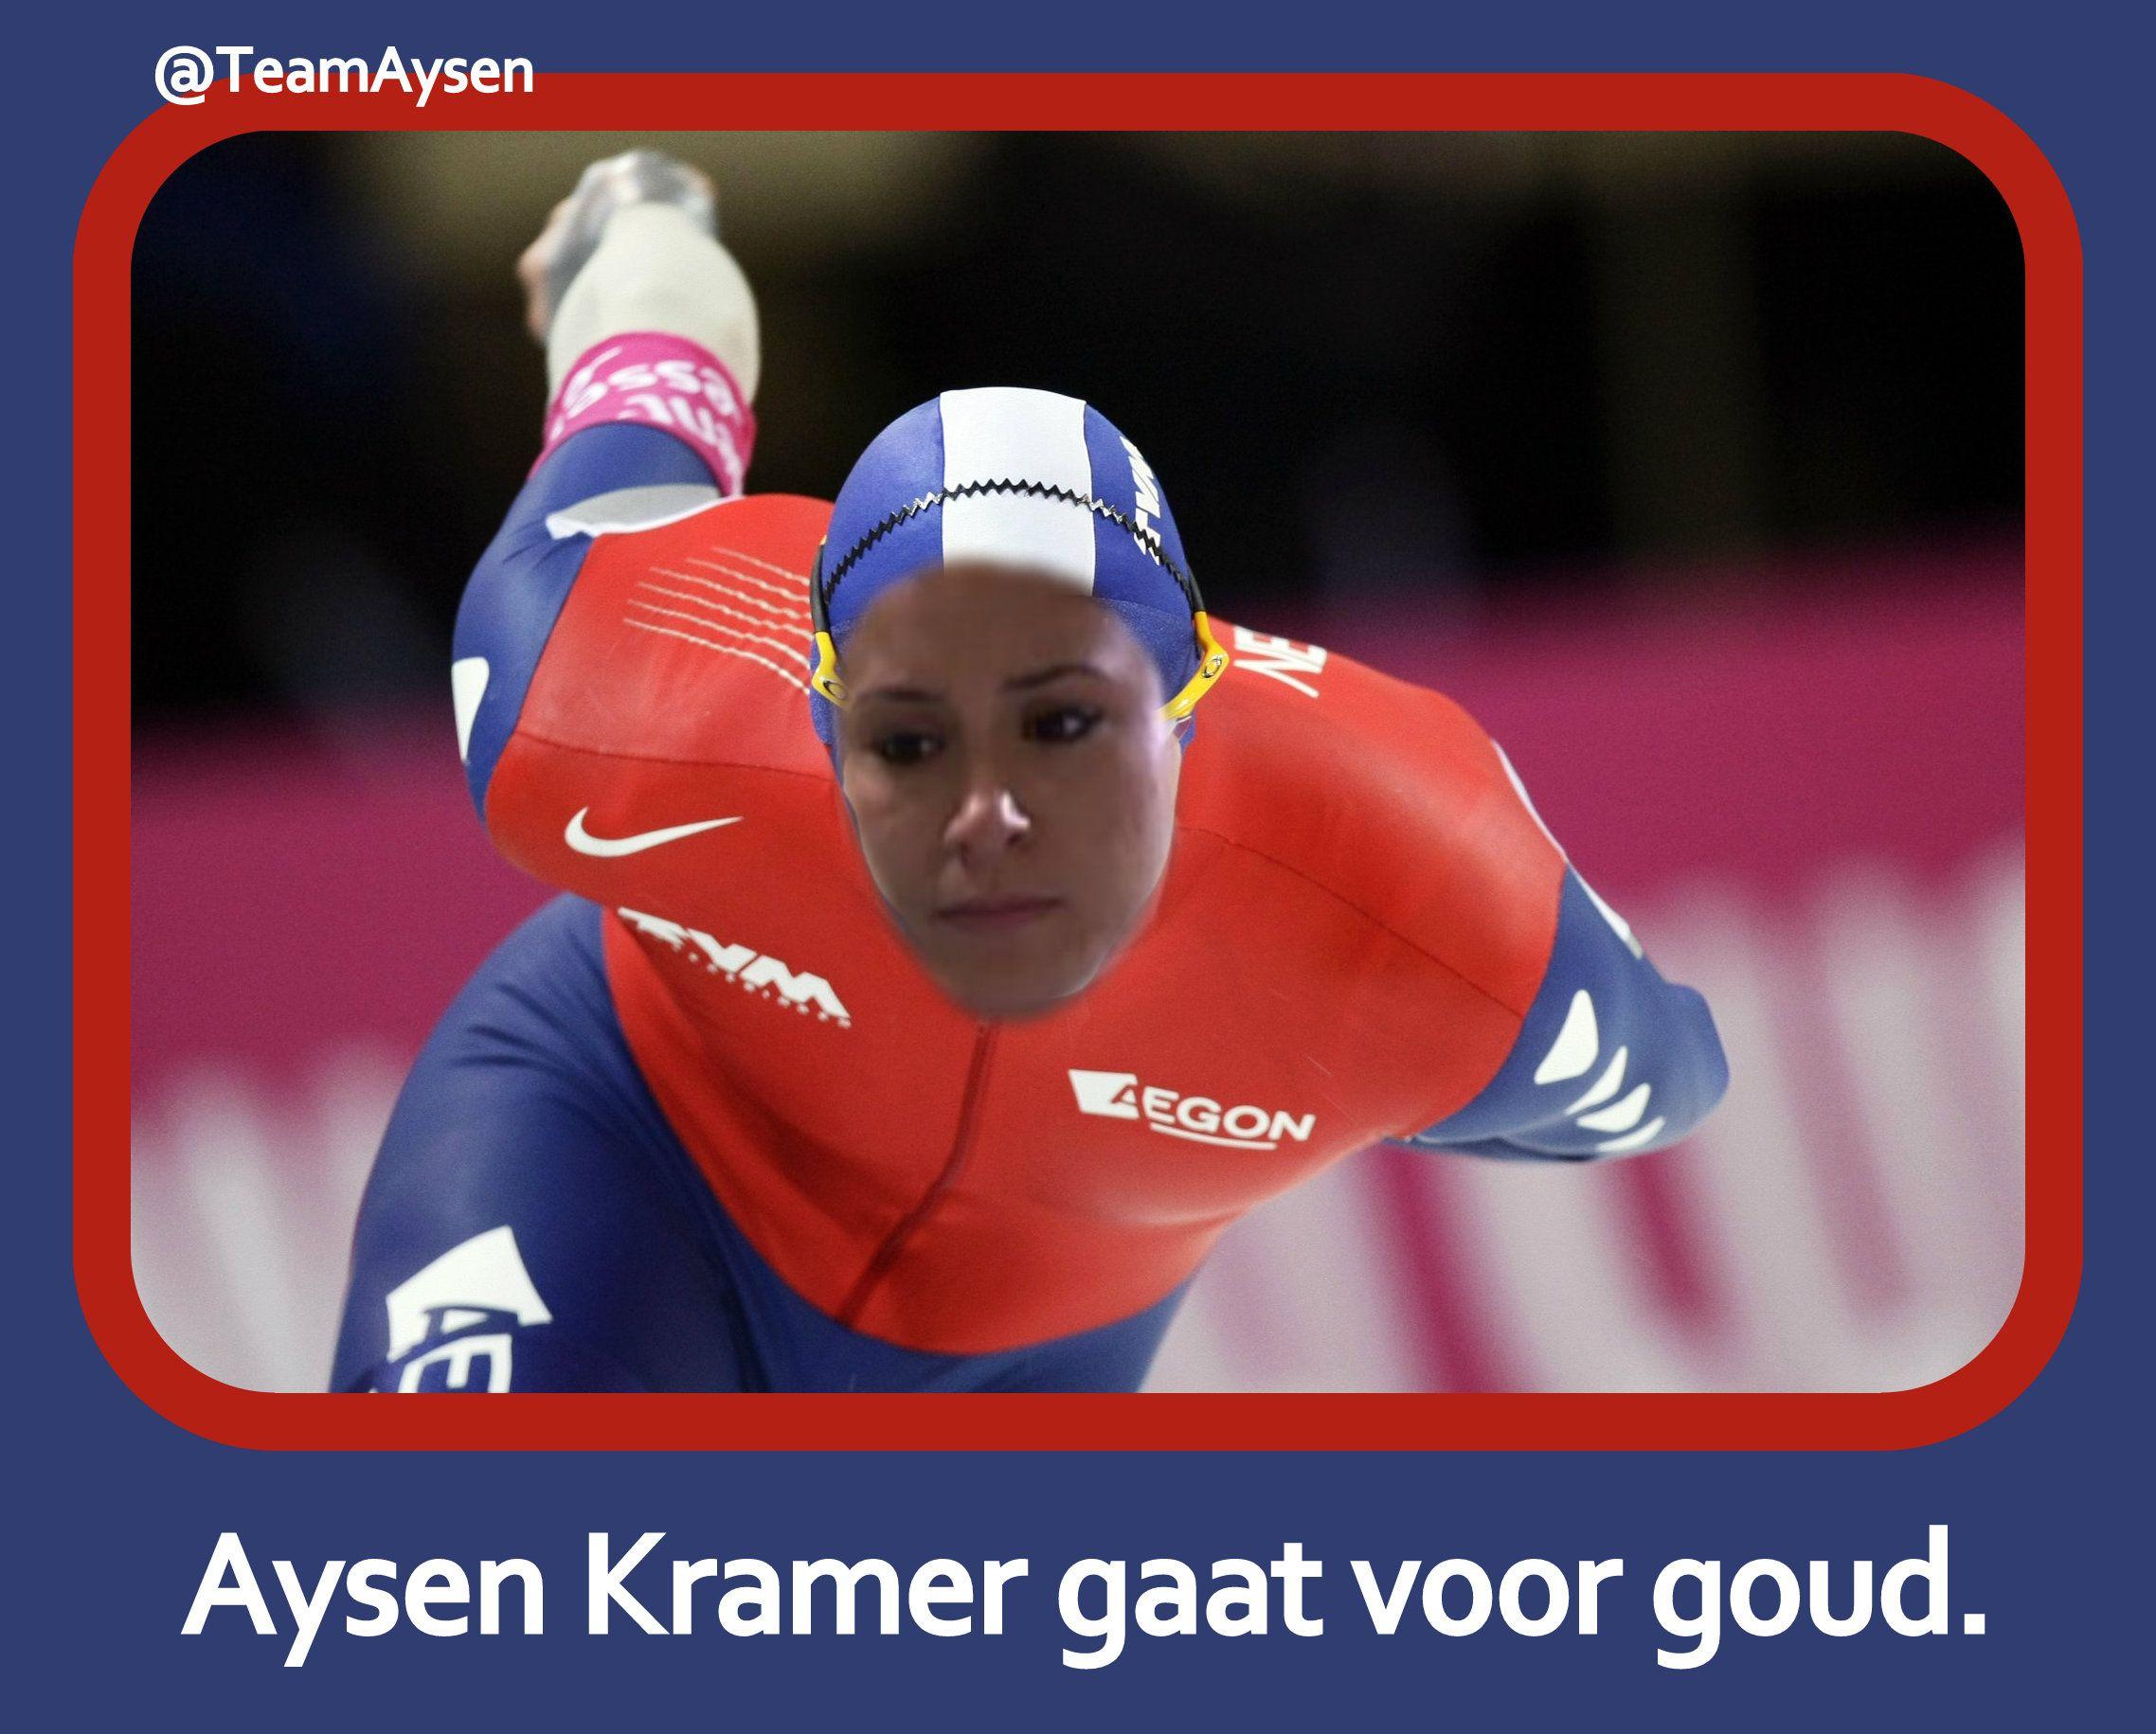 Aysen Kramer gaat voor goud.